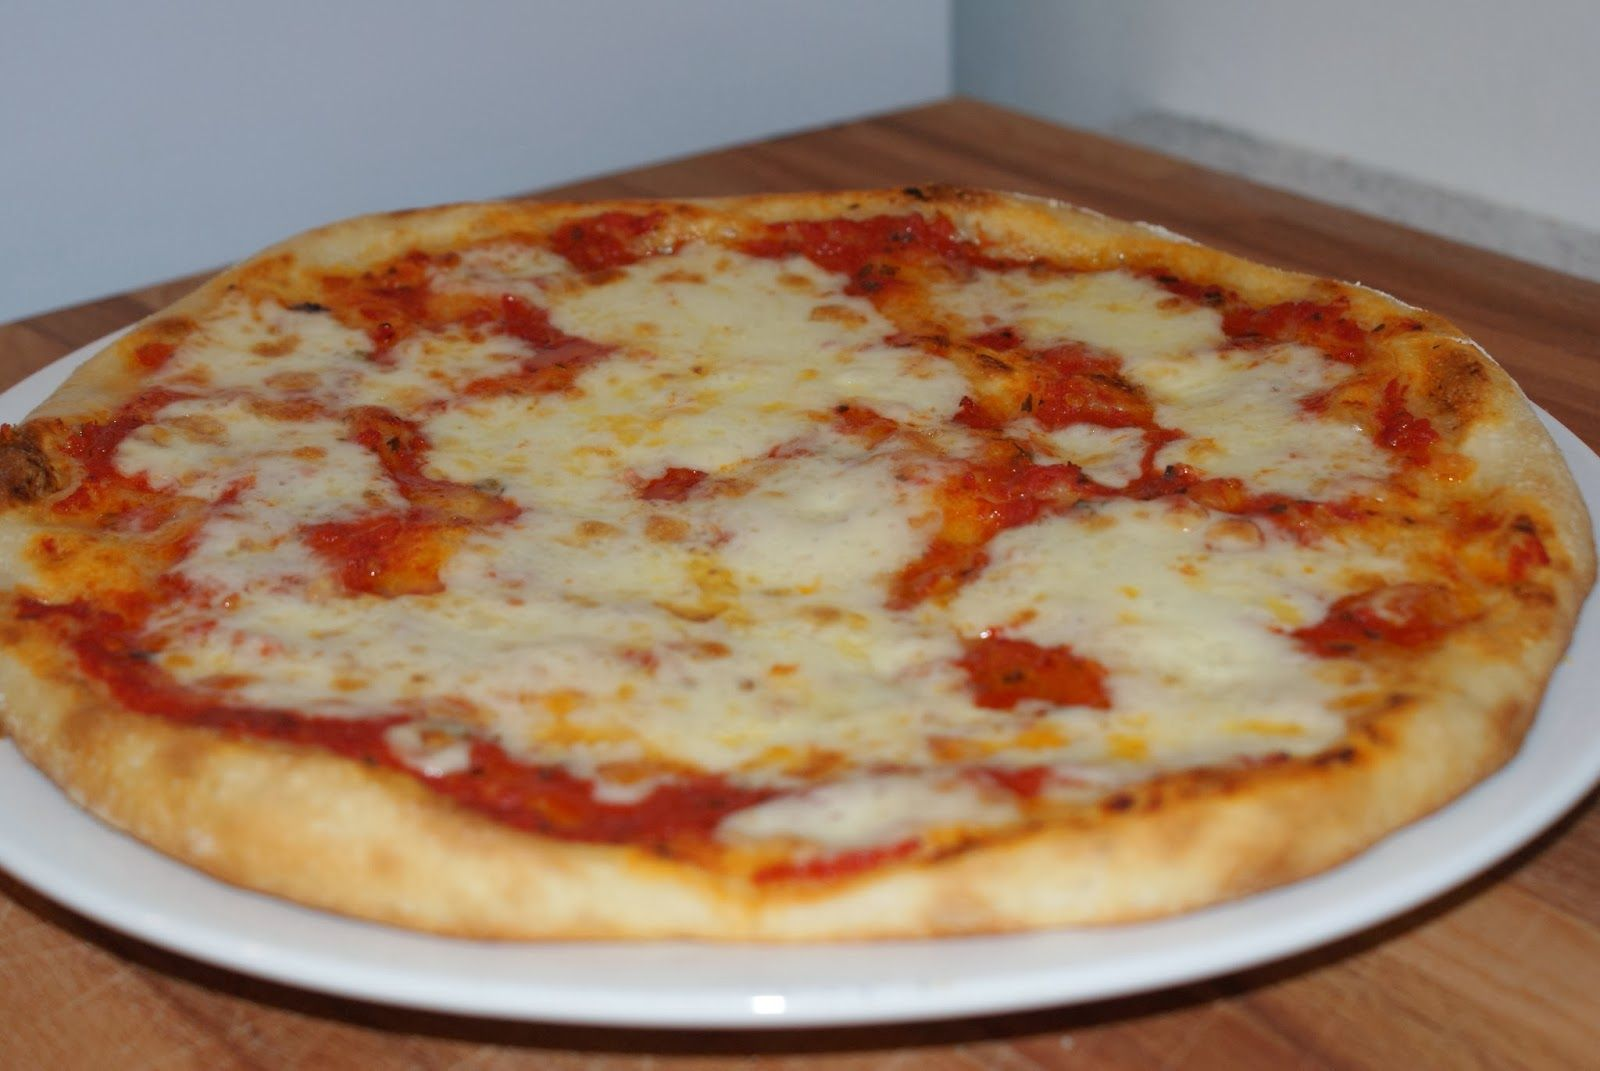 Ricetta Pizza Macchina Del Pane.Pizza Con La Macchina Del Pane Torten Paneer Salat